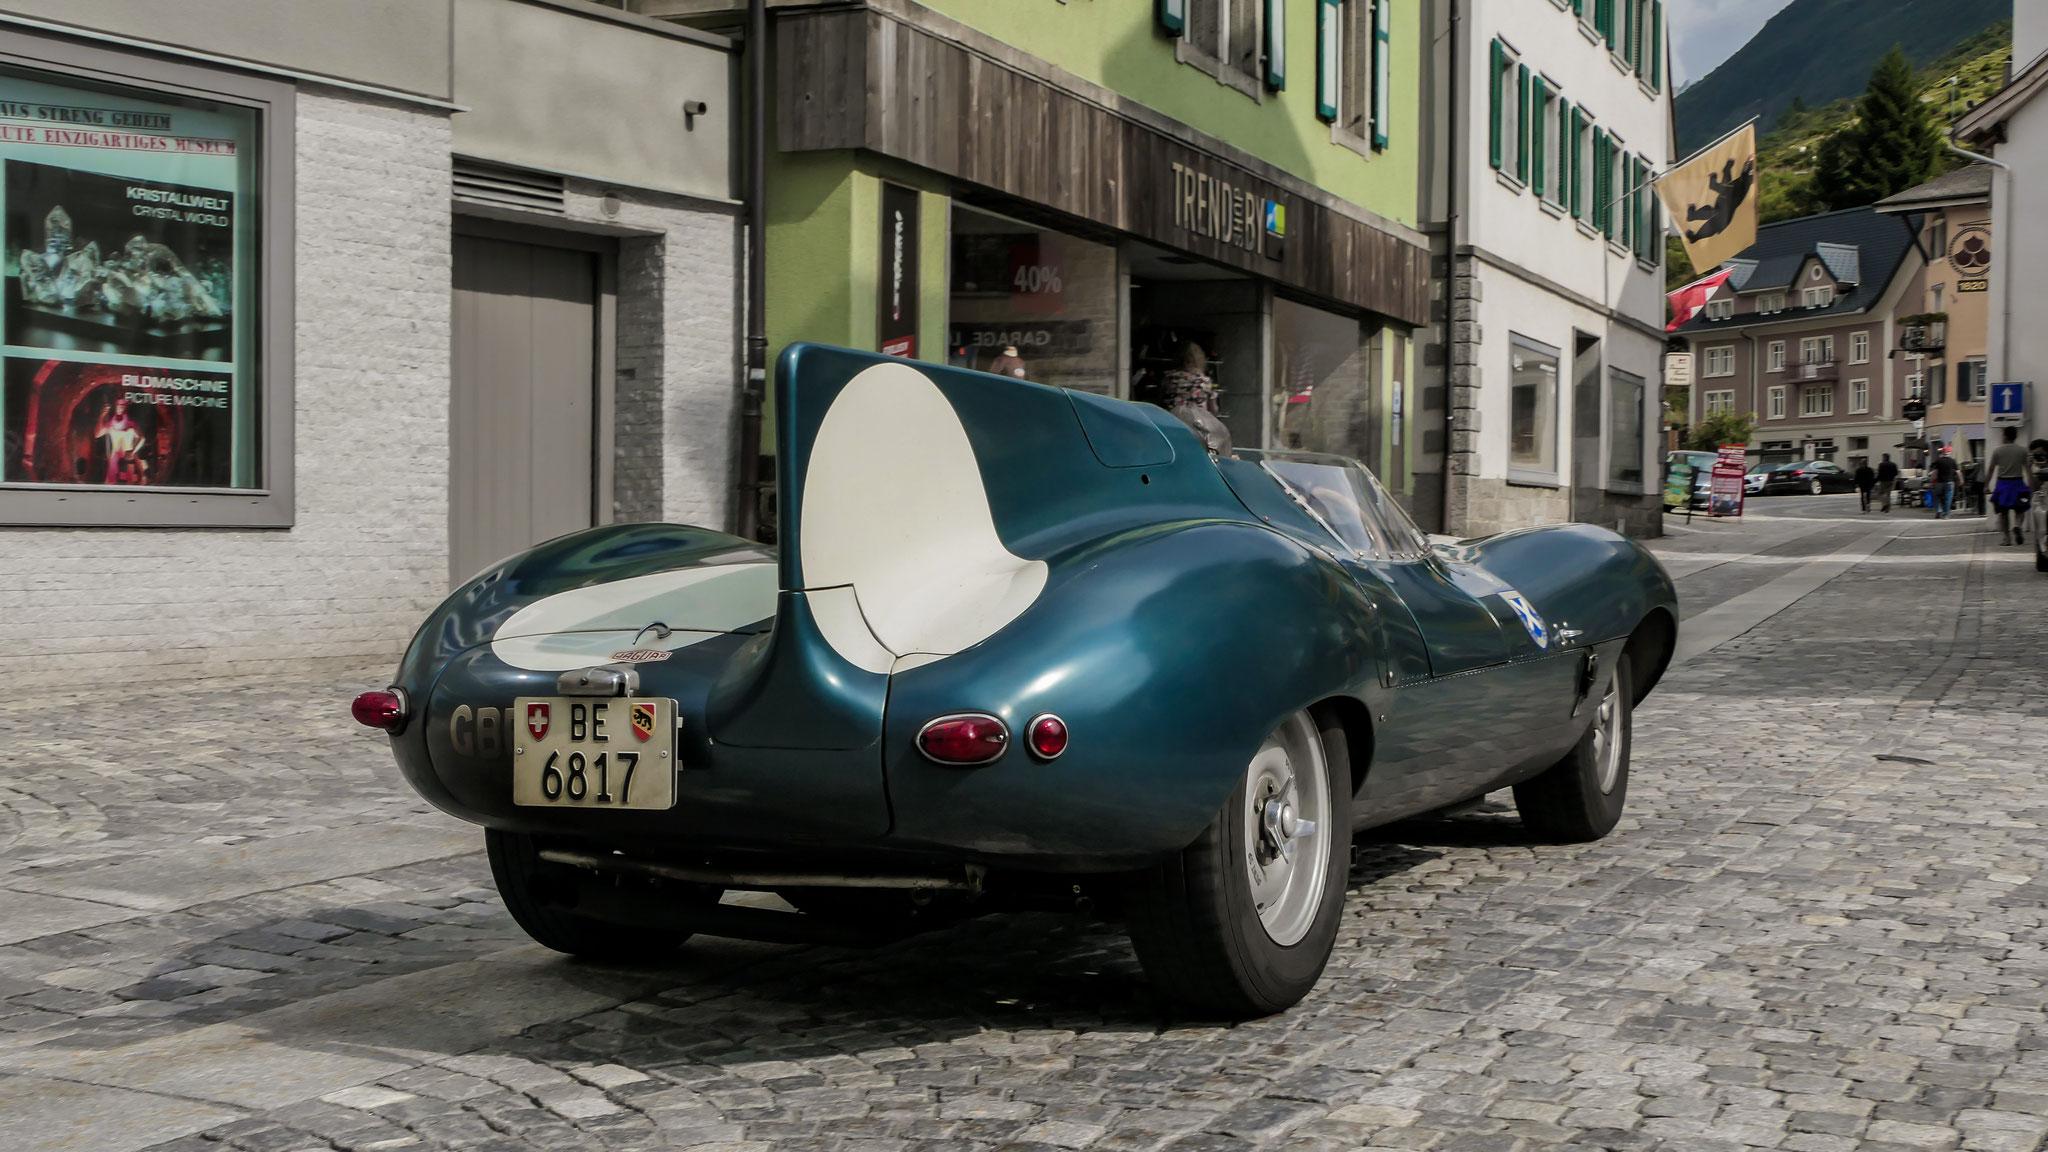 Jaguar D-Type - BE-6817 (CH)